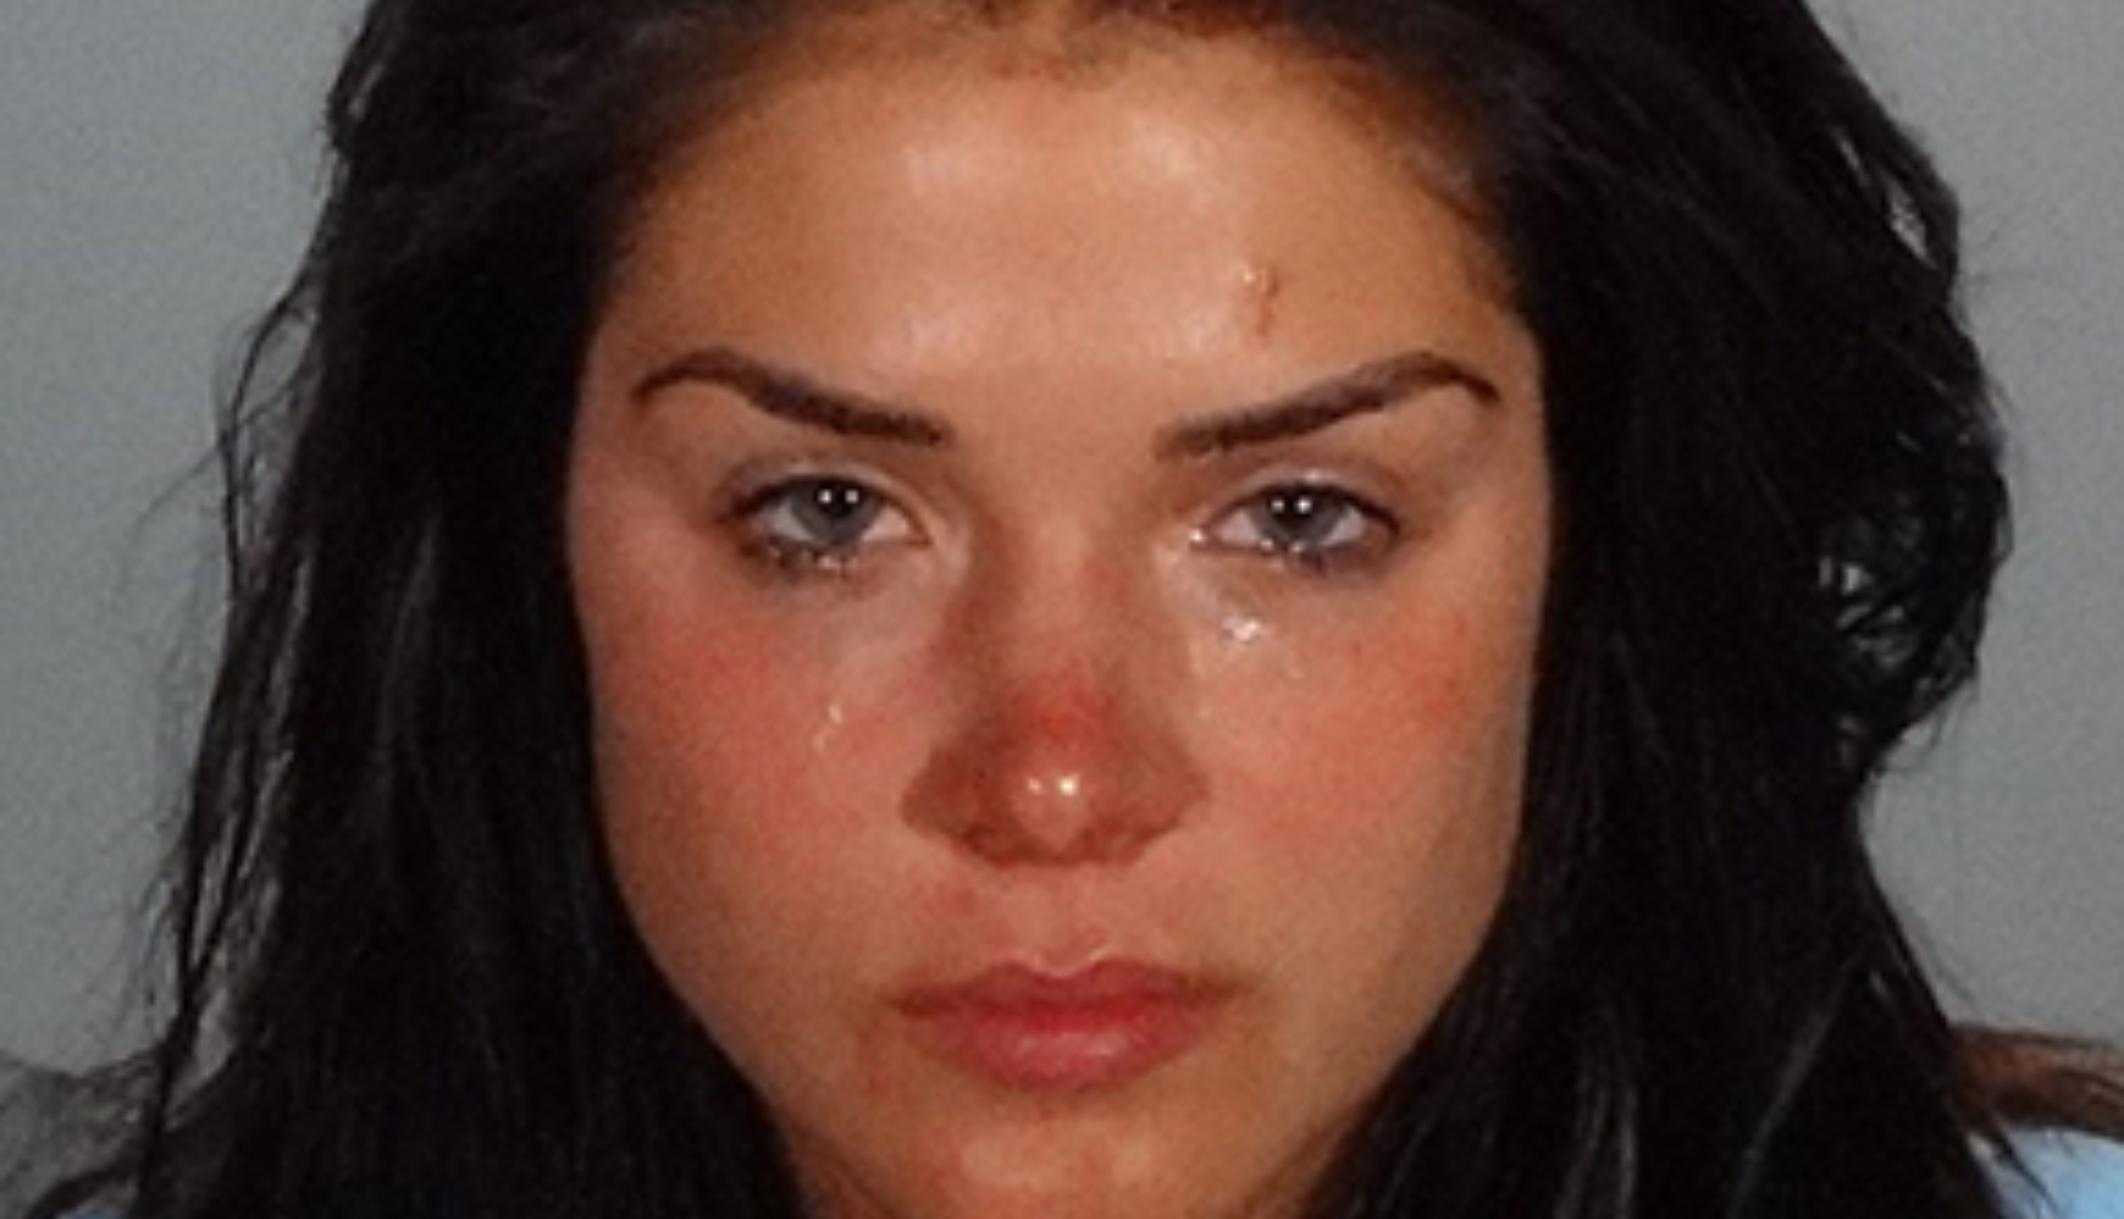 La actriz de 'The 100' Marie Avgeropoulos arrestada por delito grave de violencia doméstica